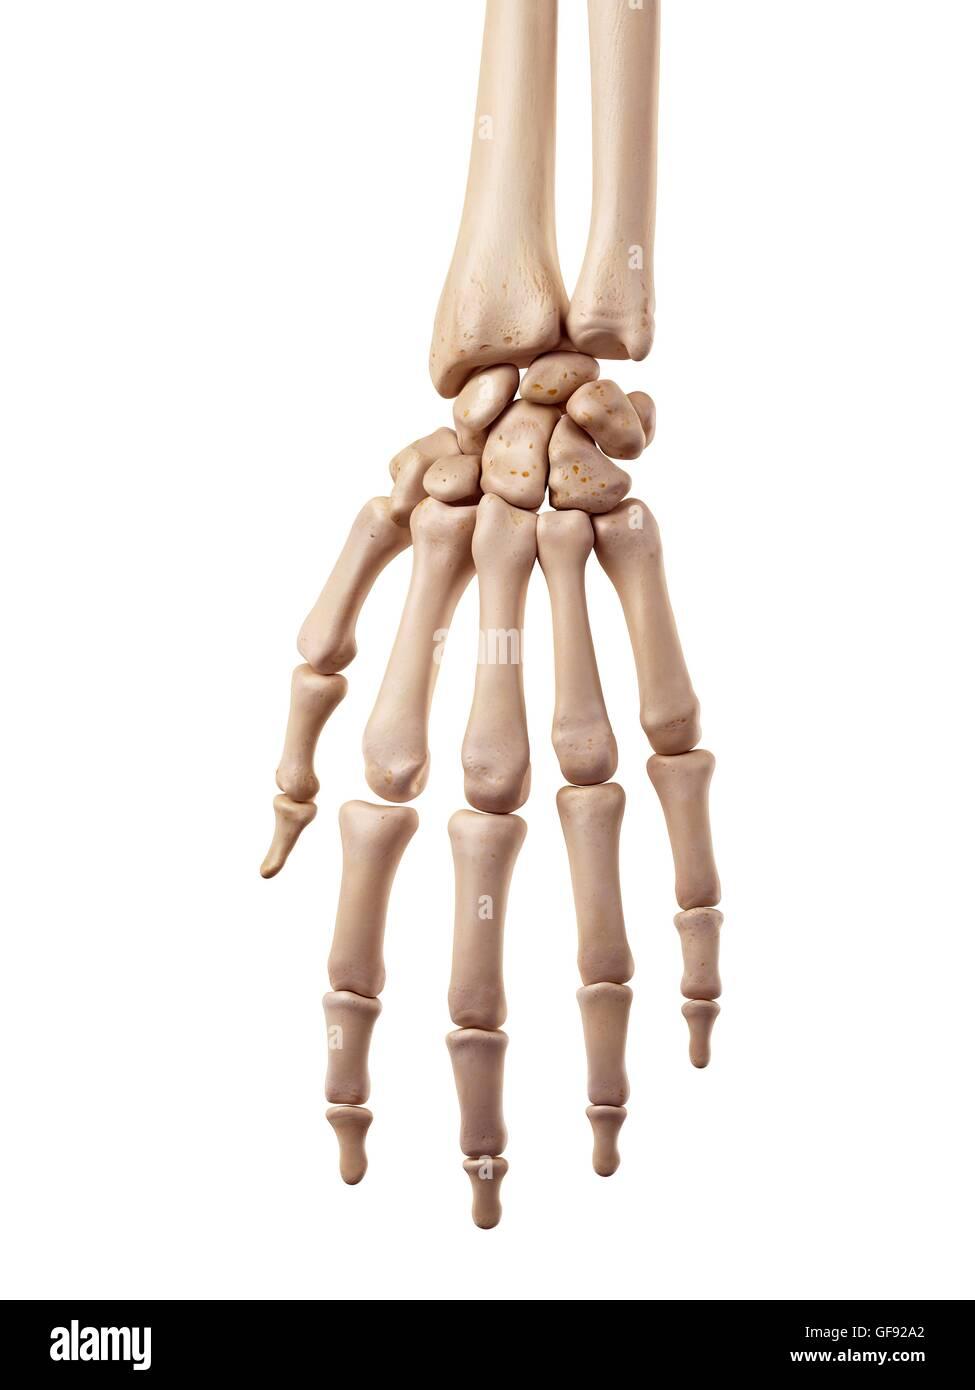 Wunderbar Die Menschliche Hand Anatomie Bilder - Anatomie Ideen ...